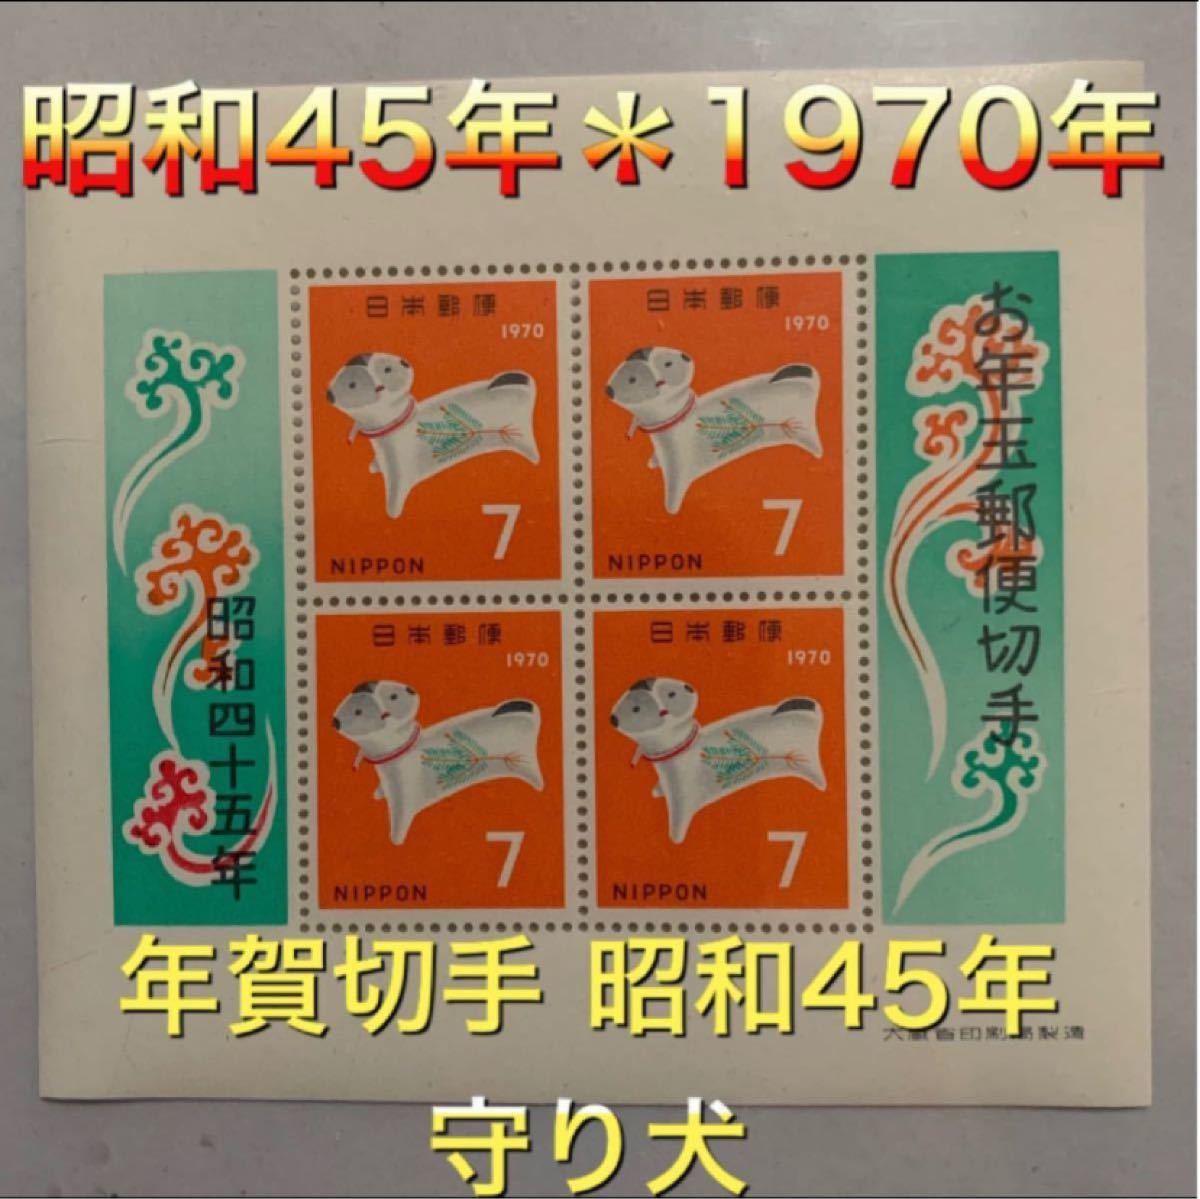 年賀切手 日本切手 お年玉切手 小型シート 昭和45年  守り犬 1970年用